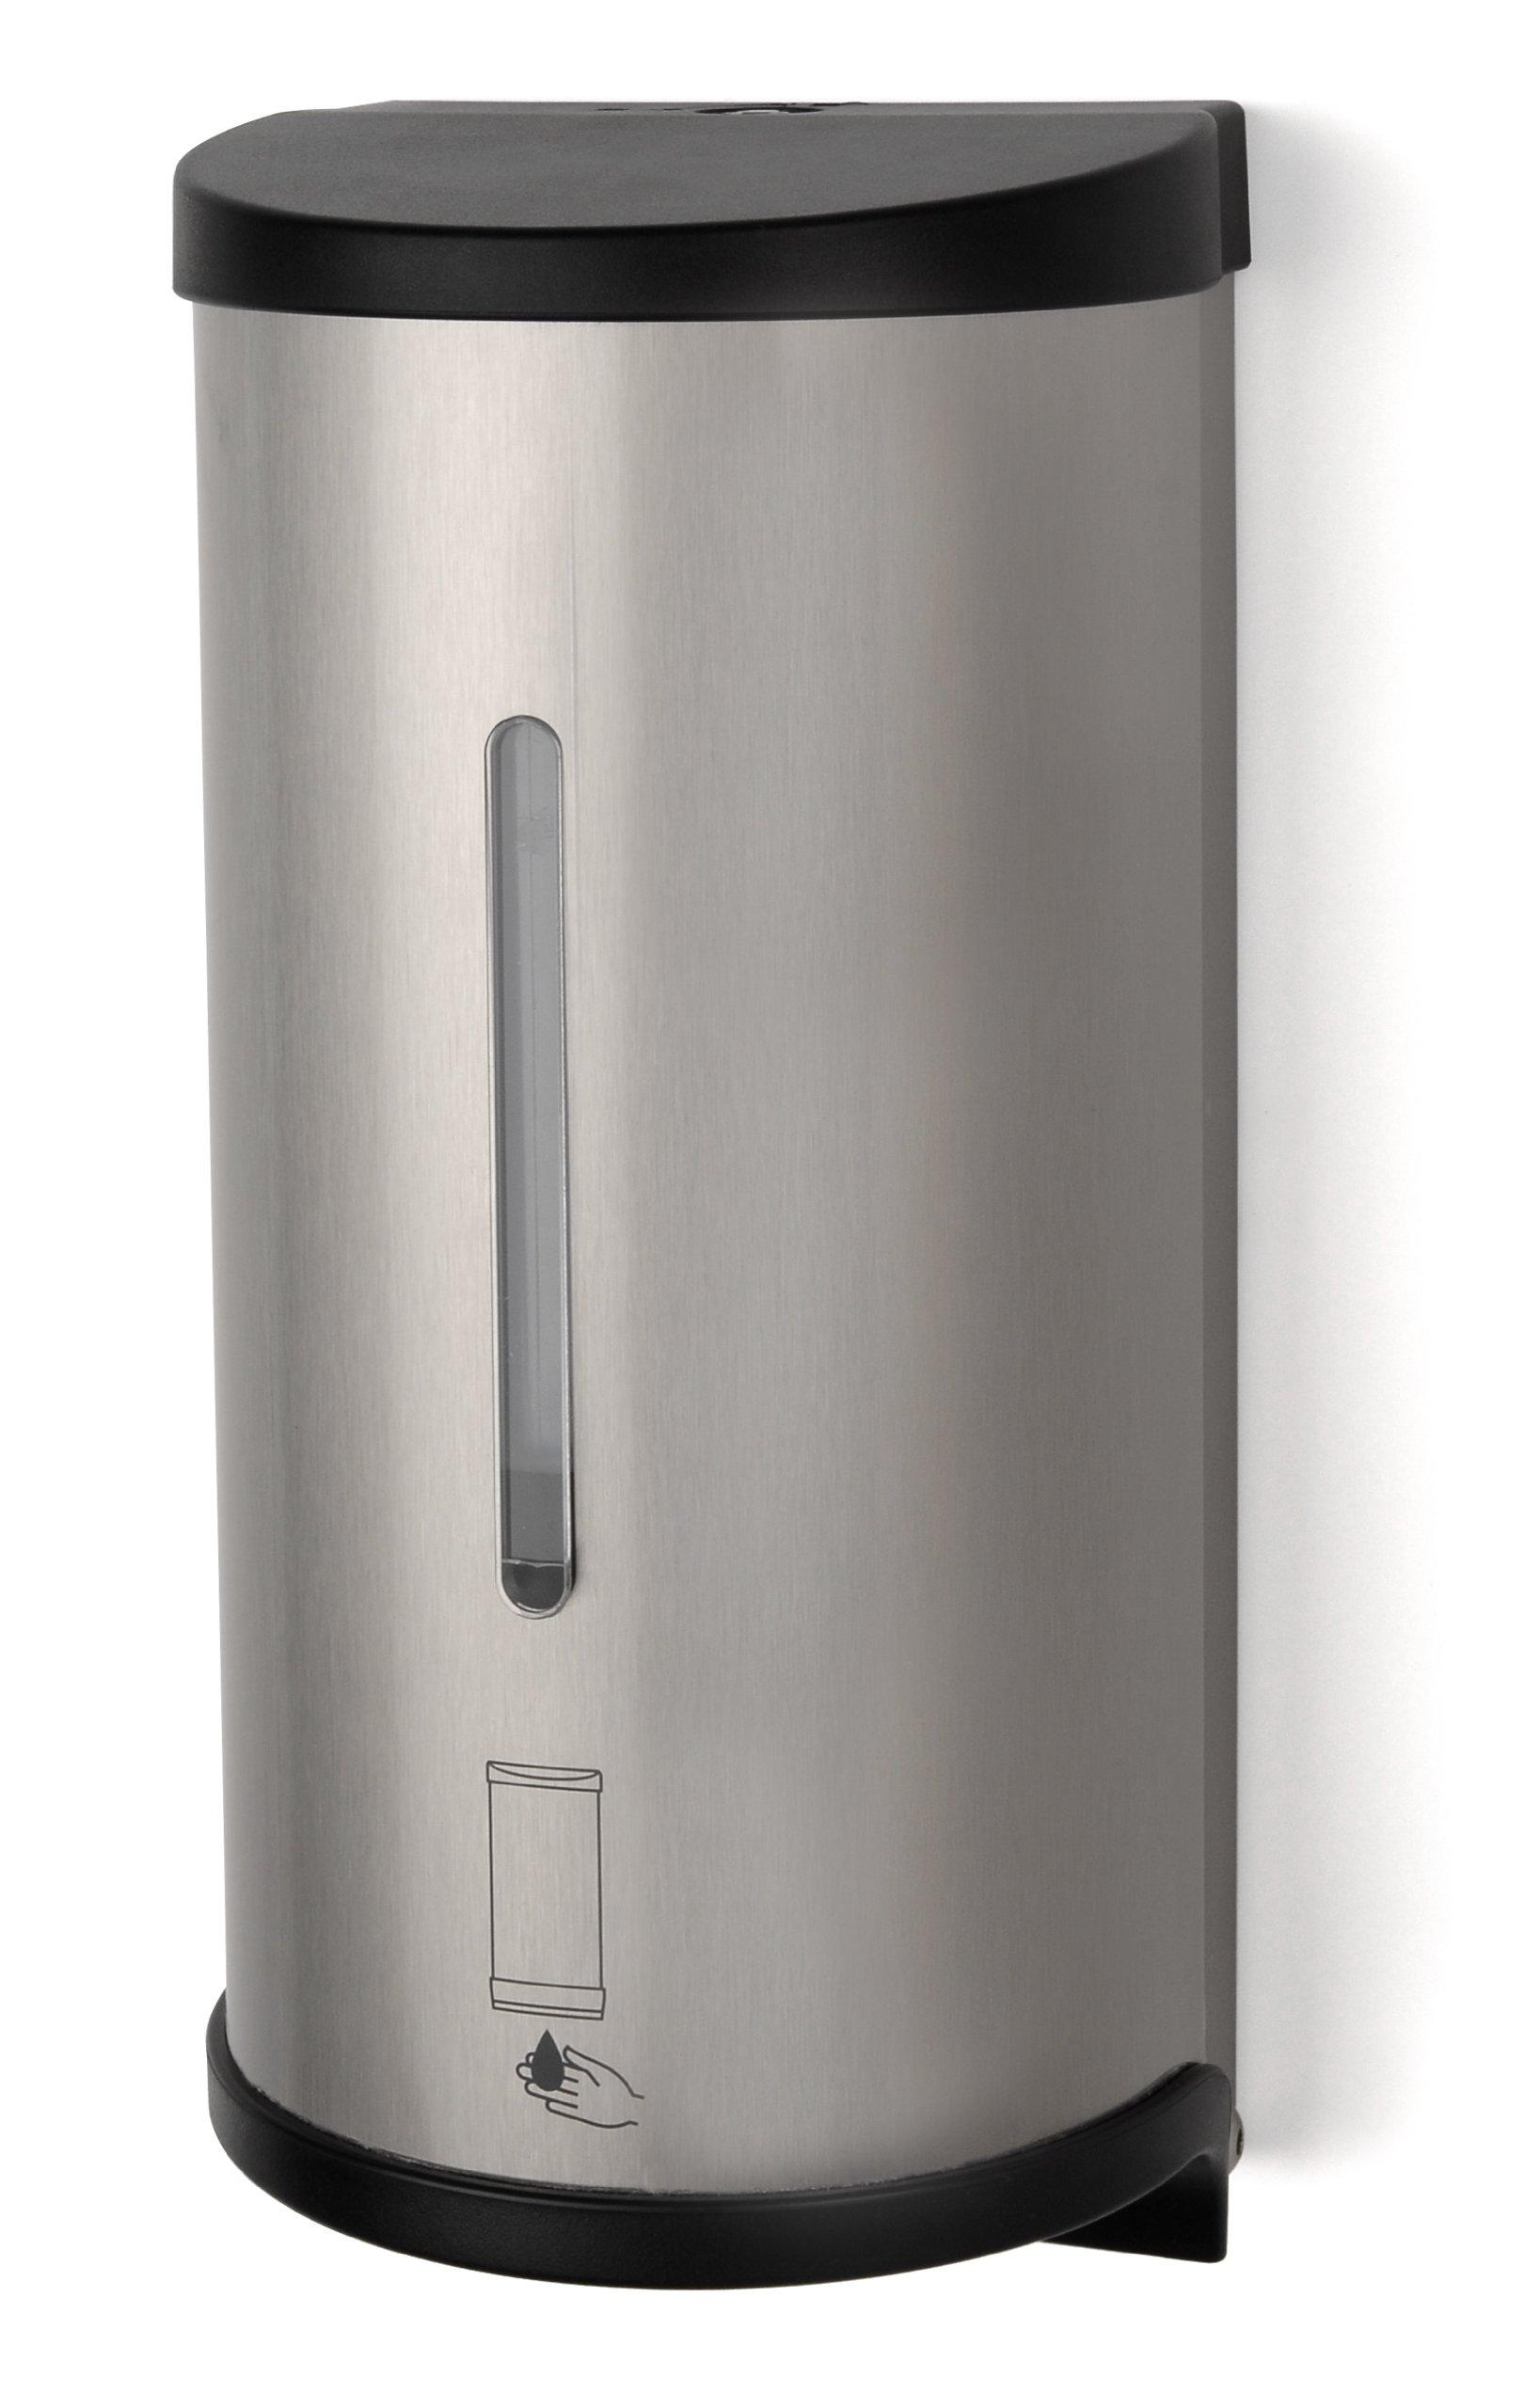 Dispenser Automatico de Jabon PALMER FIXTURE [0DMV88VW]